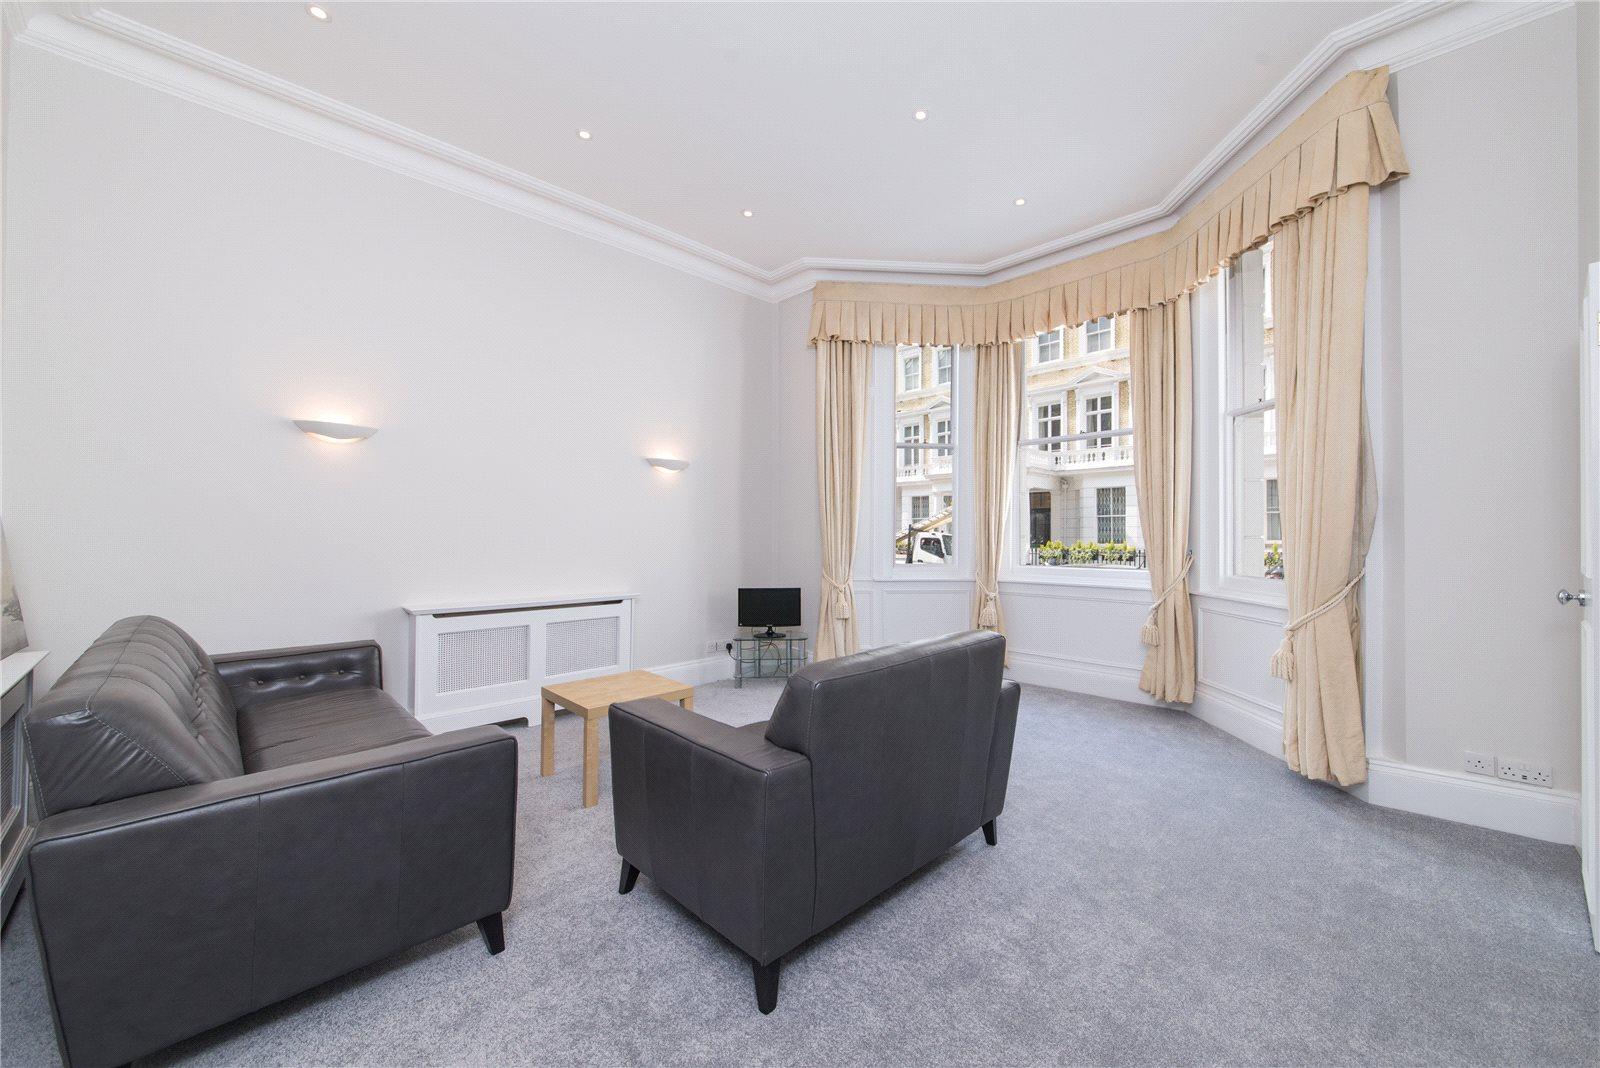 Апартаменты / Квартиры для того Продажа на Manson Place, South Kensington, London, SW7 South Kensington, London, Англия